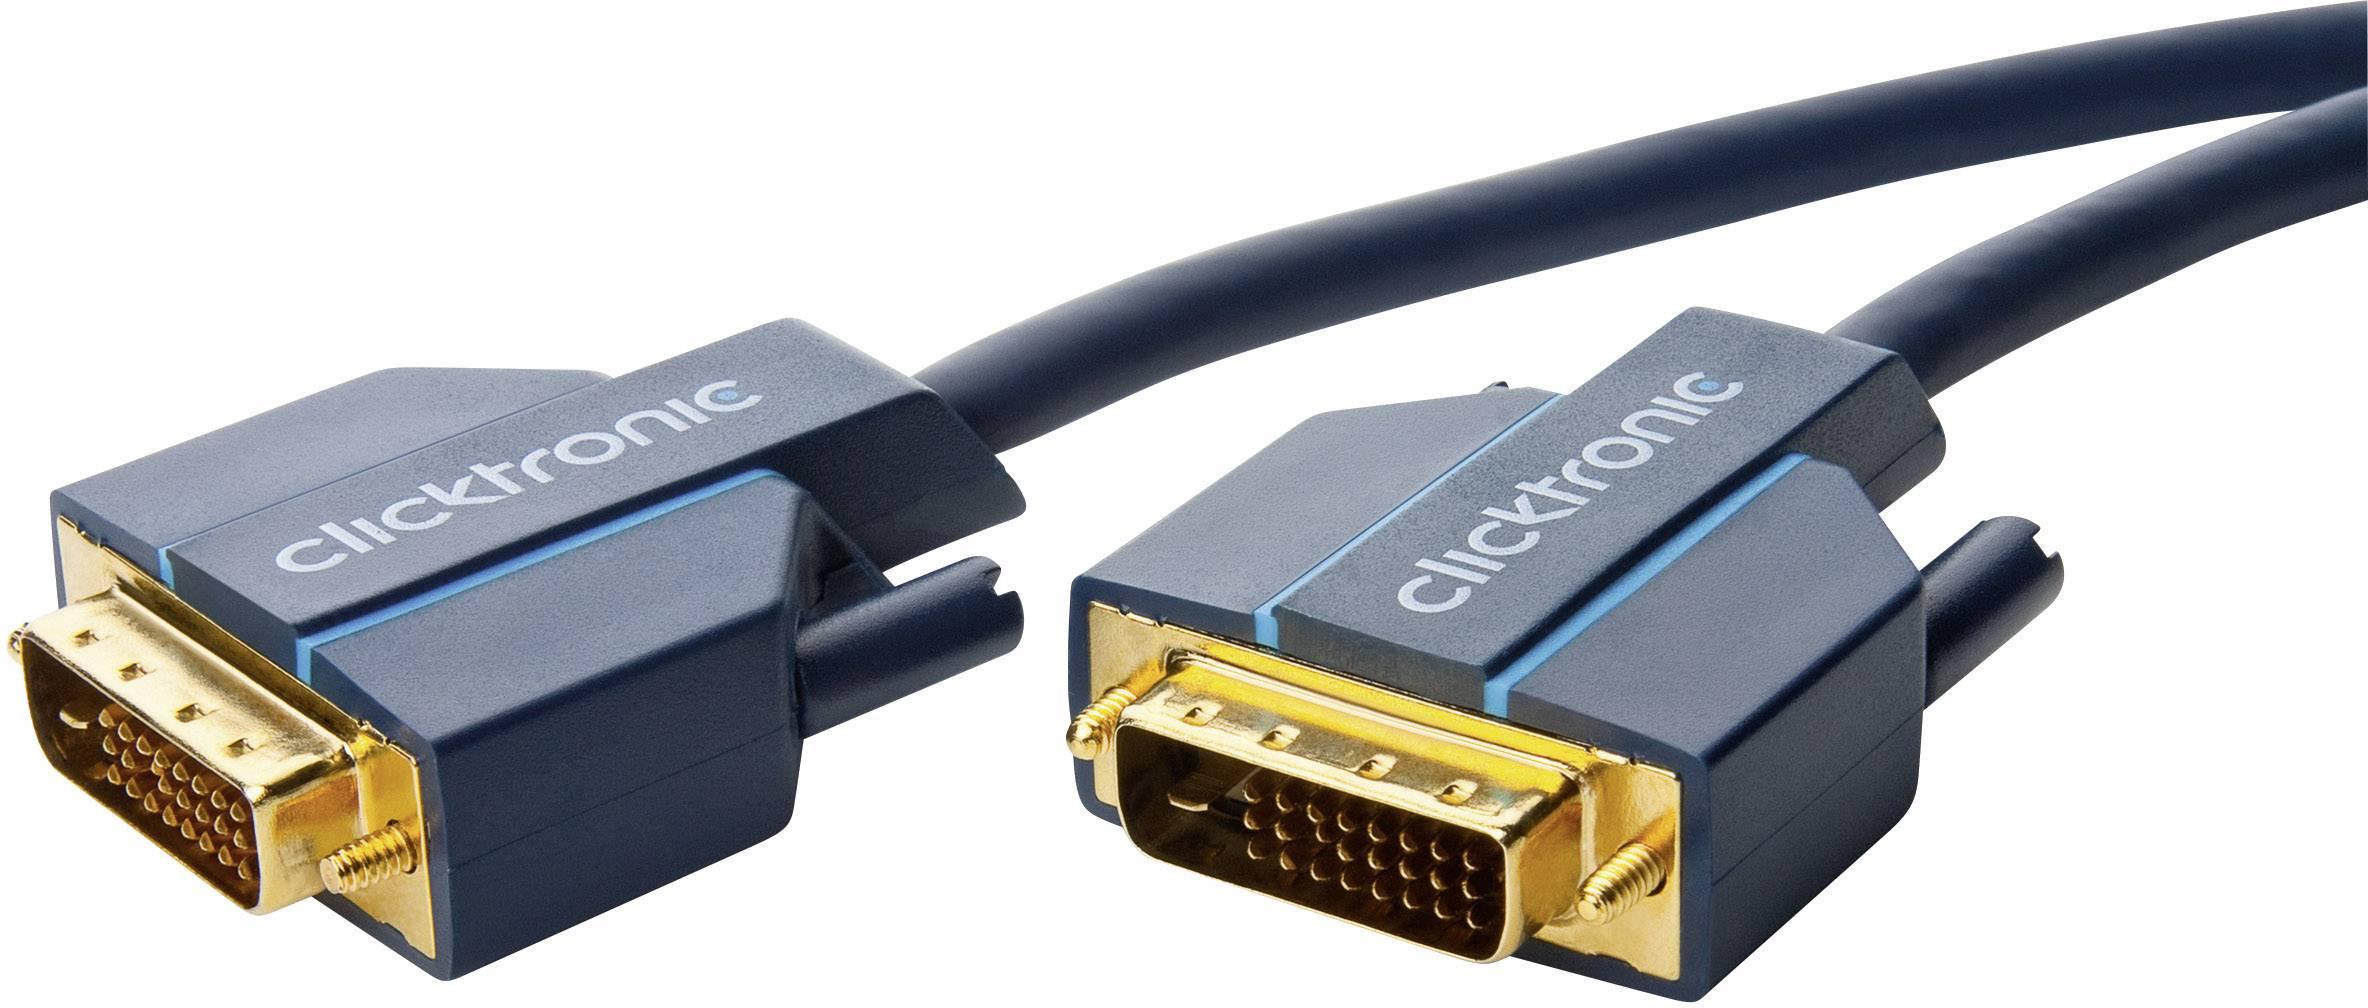 DVI kabel clicktronic [1x DVI zástrčka 24+1pólová - 1x DVI zástrčka 24+1pólová] modrá 1 m